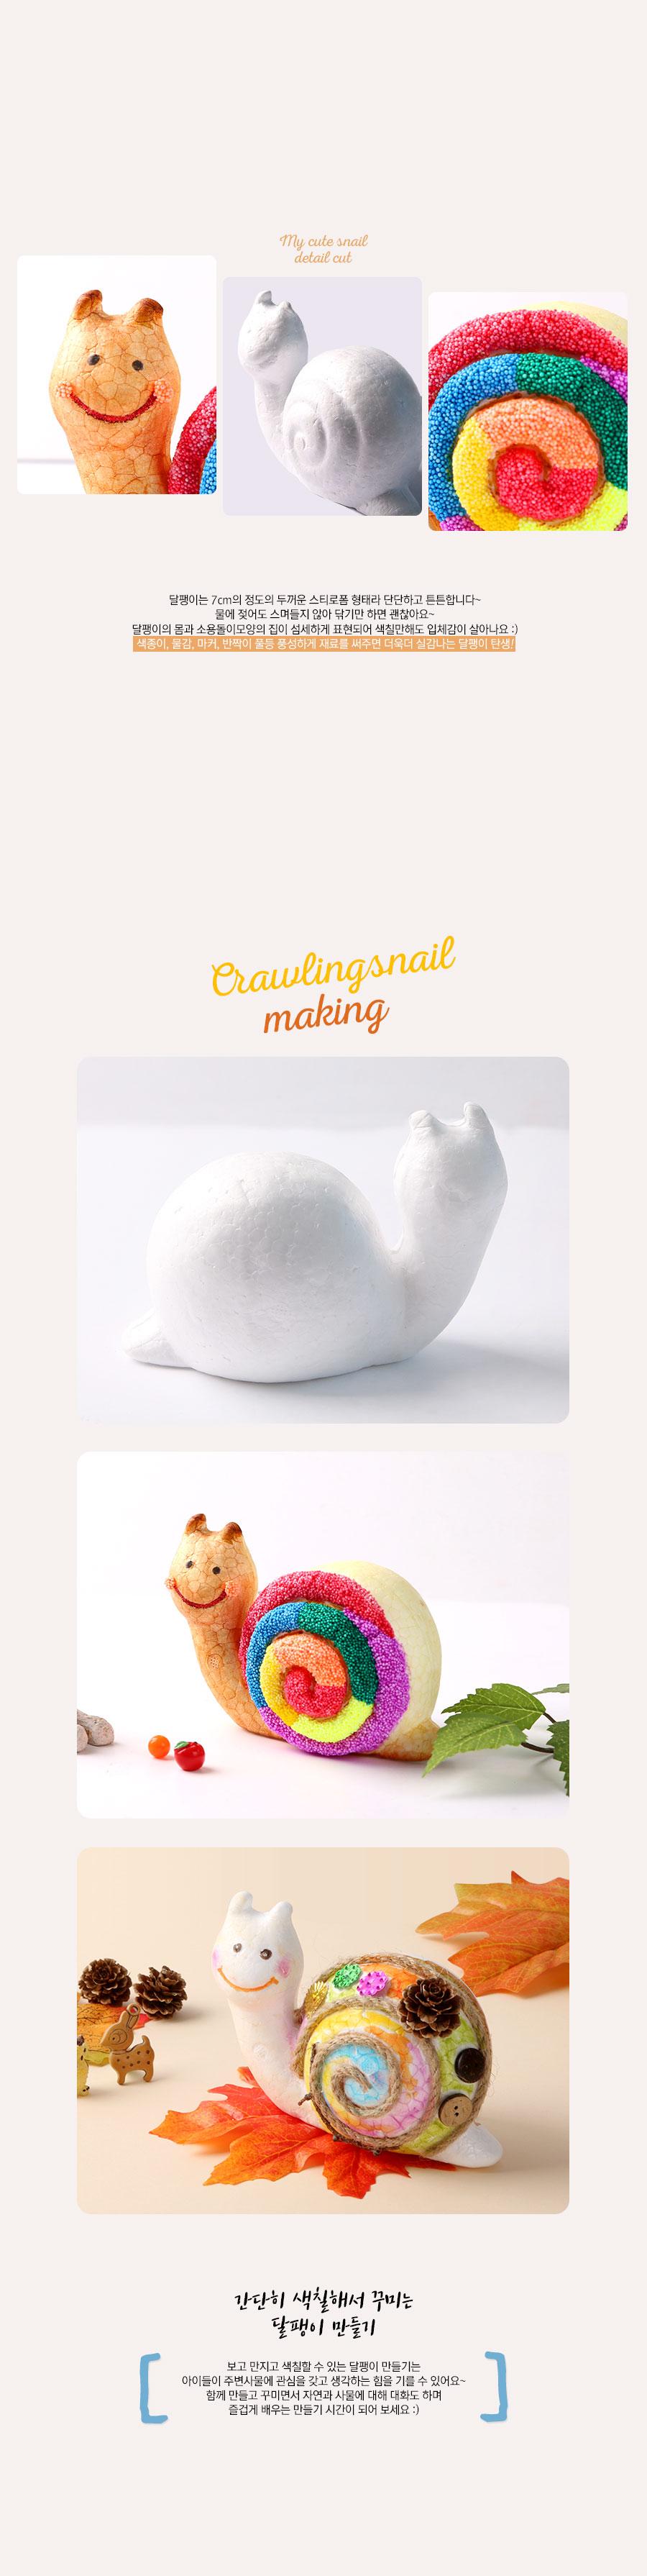 달팽이-스티로폼(2개) - 아트랄라, 1,150원, 미니어처 DIY, 미니어처 만들기 패키지